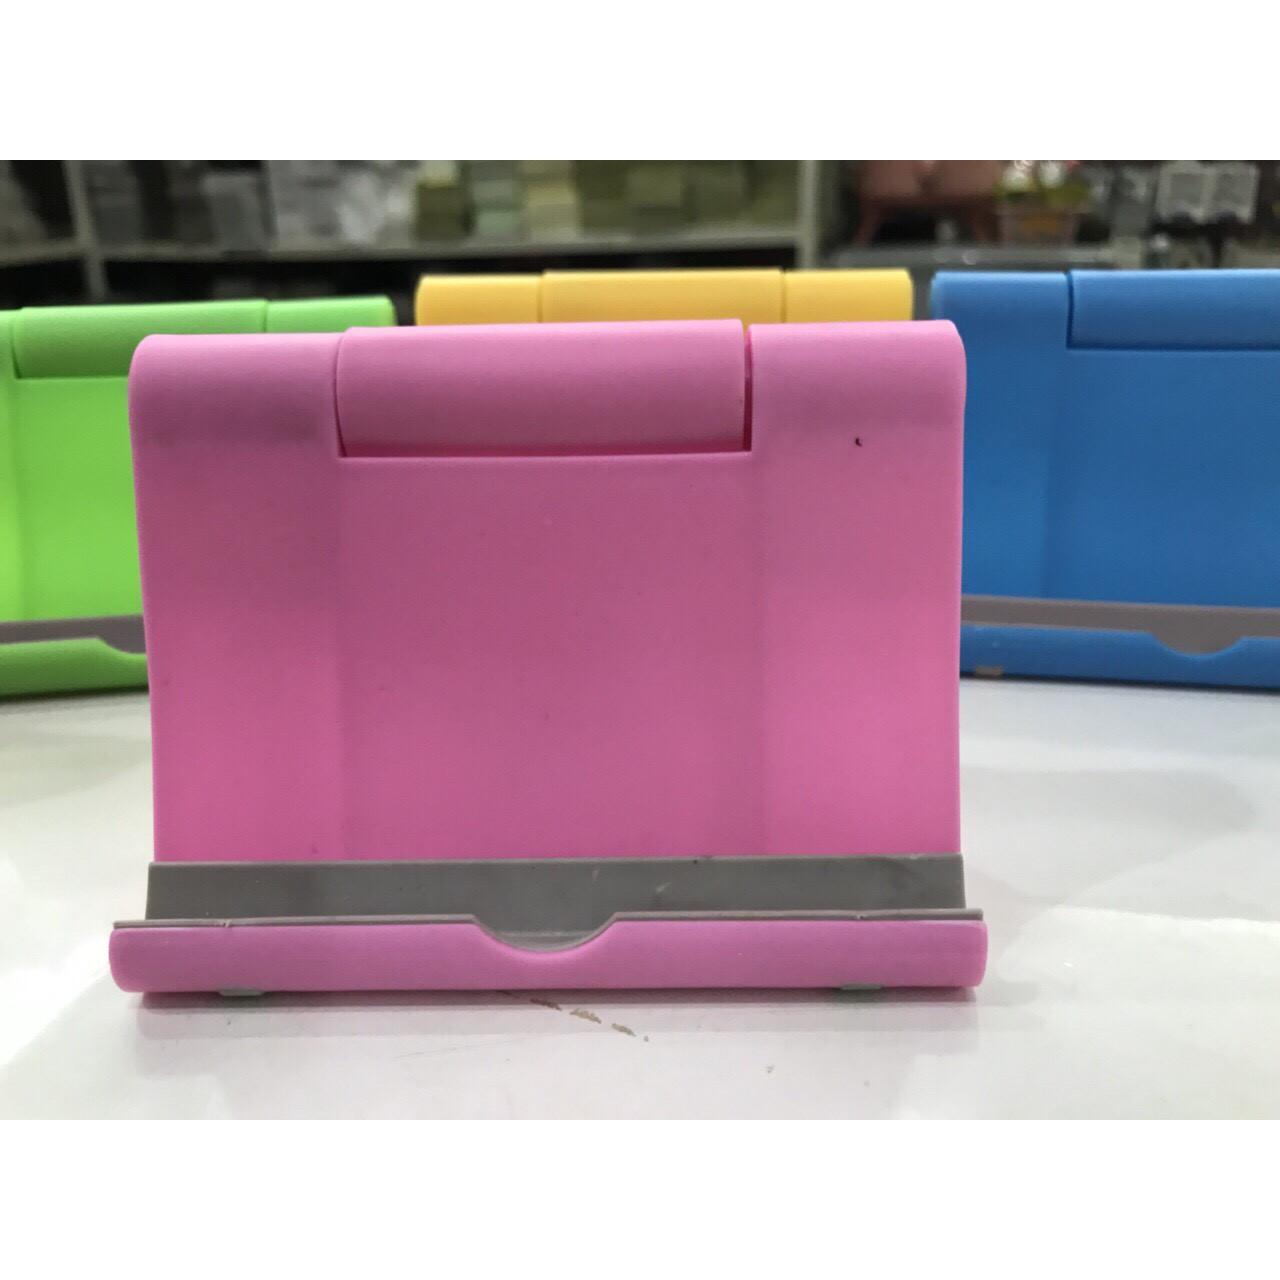 Giá đỡ điện thoại máy tính bảng cao cấp ( Giao màu ngẫu nhiên ) - 18615040 , 6470337164760 , 62_22115499 , 60000 , Gia-do-dien-thoai-may-tinh-bang-cao-cap-Giao-mau-ngau-nhien--62_22115499 , tiki.vn , Giá đỡ điện thoại máy tính bảng cao cấp ( Giao màu ngẫu nhiên )